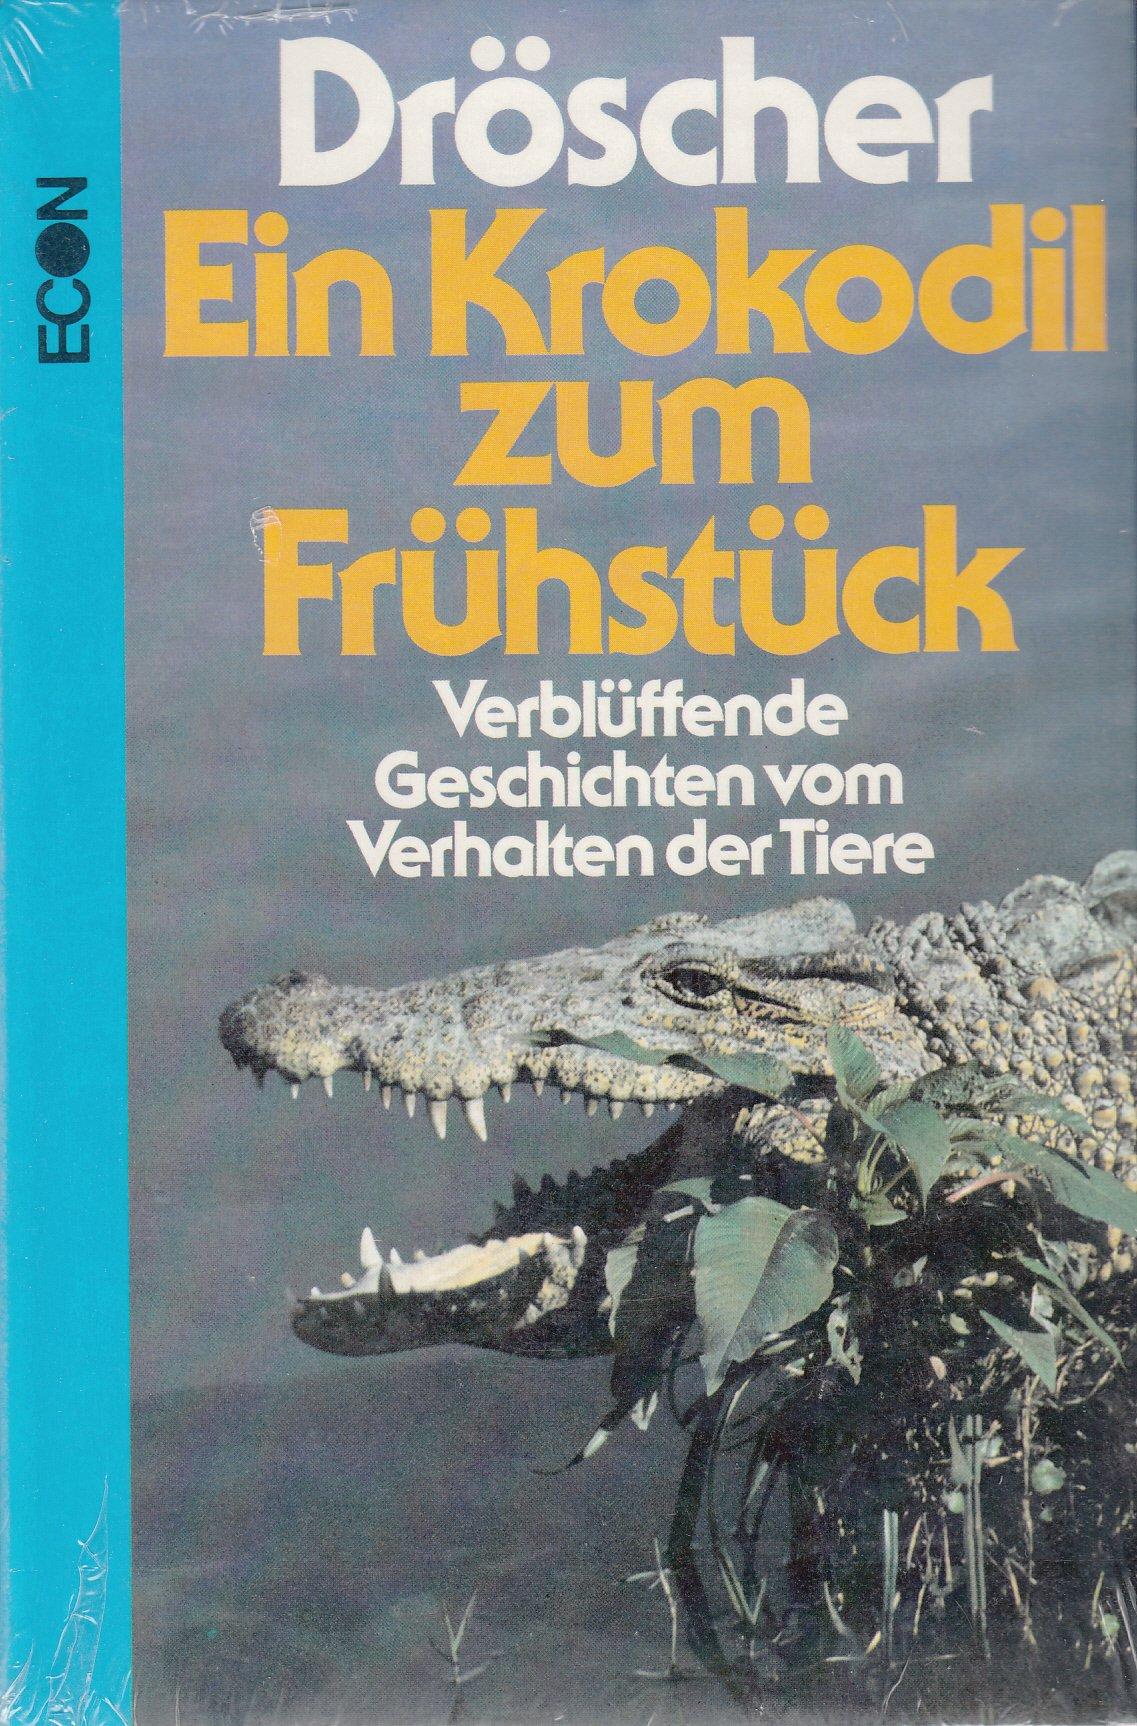 Ein Krokodil zum Frühstück: Verblüffende Geschichten vom Verhalten der Tiere